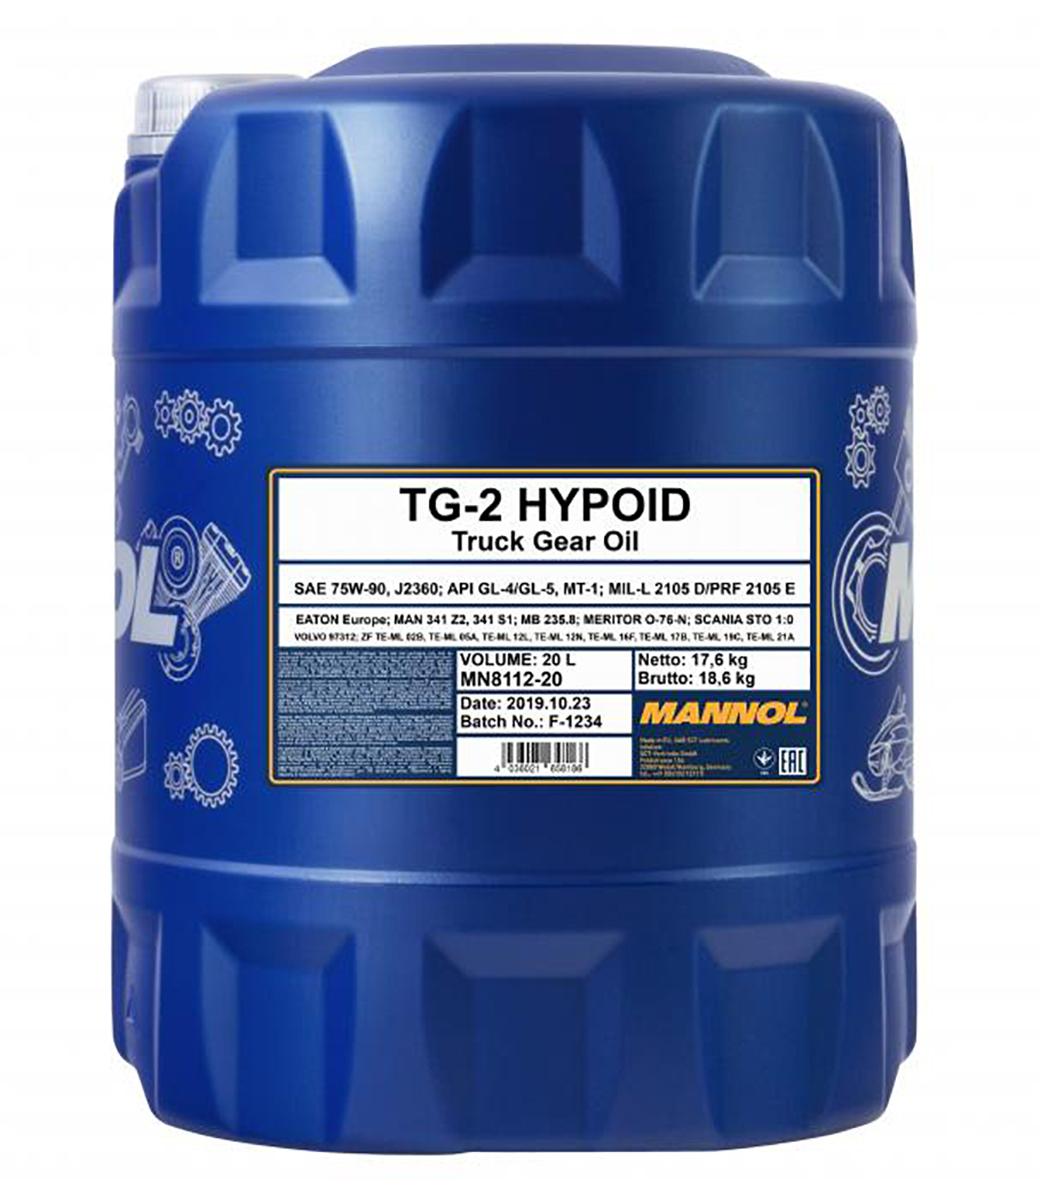 TG-2 Hypoid 75W-90